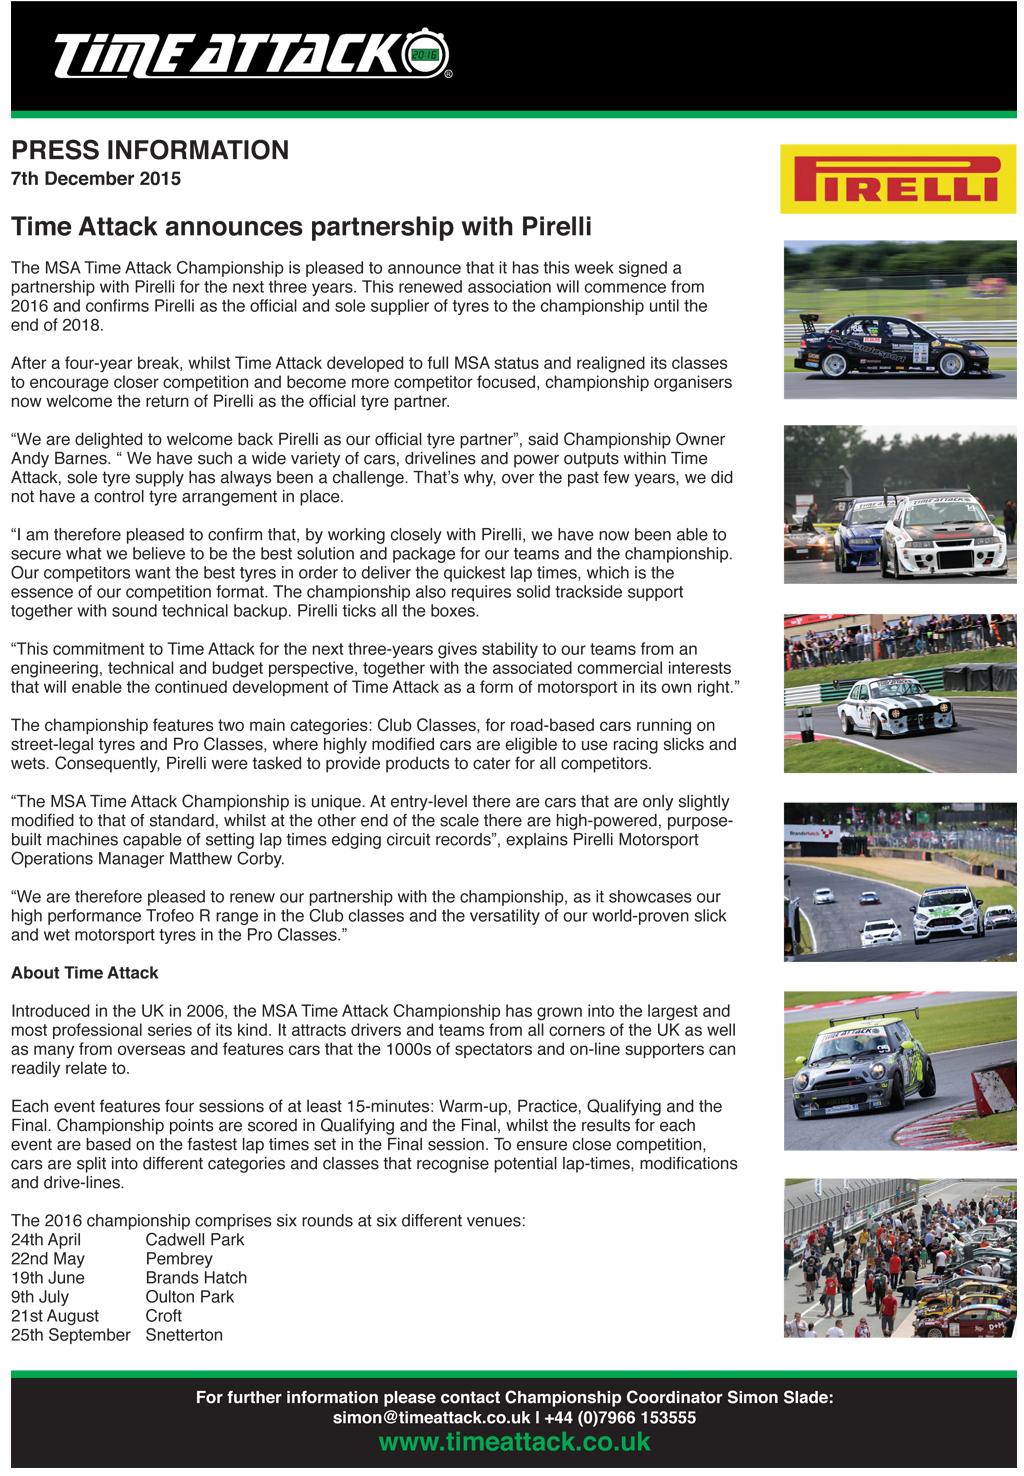 pirelli-press-release-time-